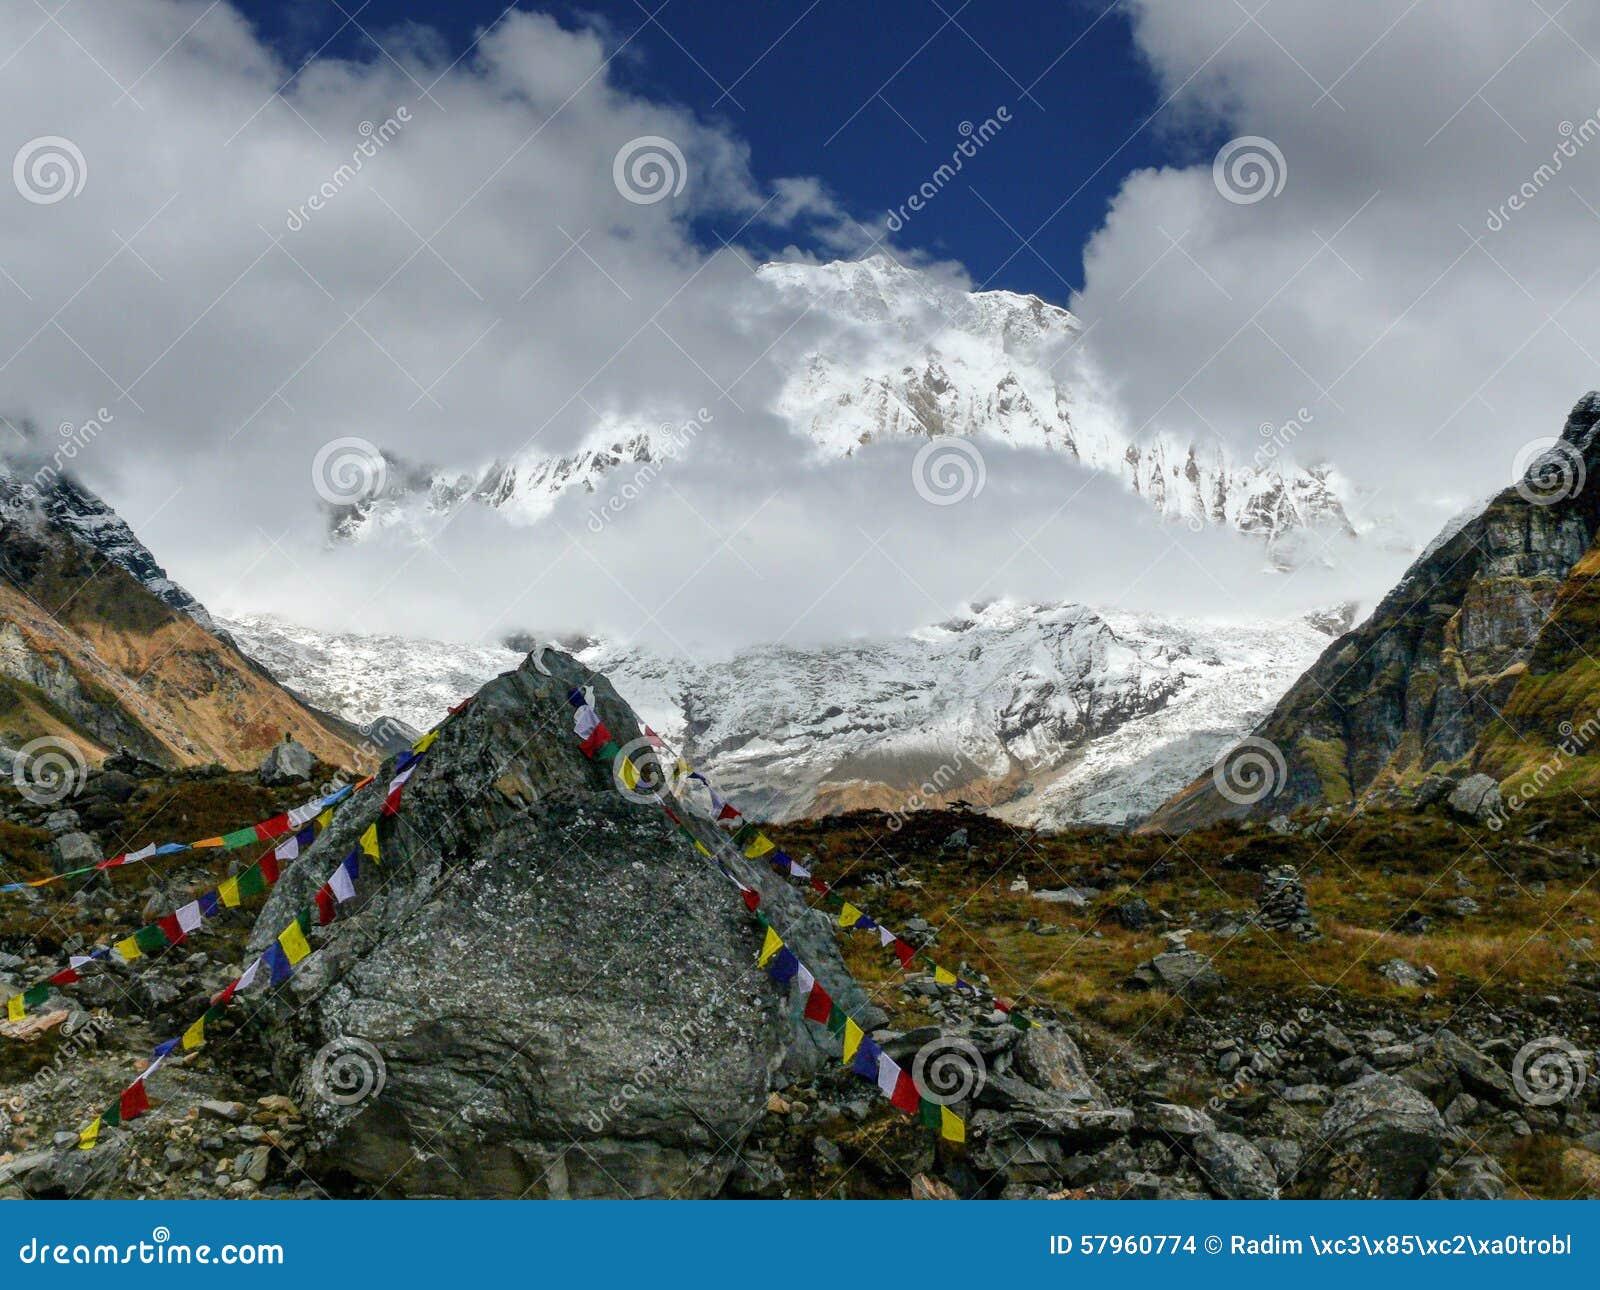 Annapurna I from Annapurna Base Camp